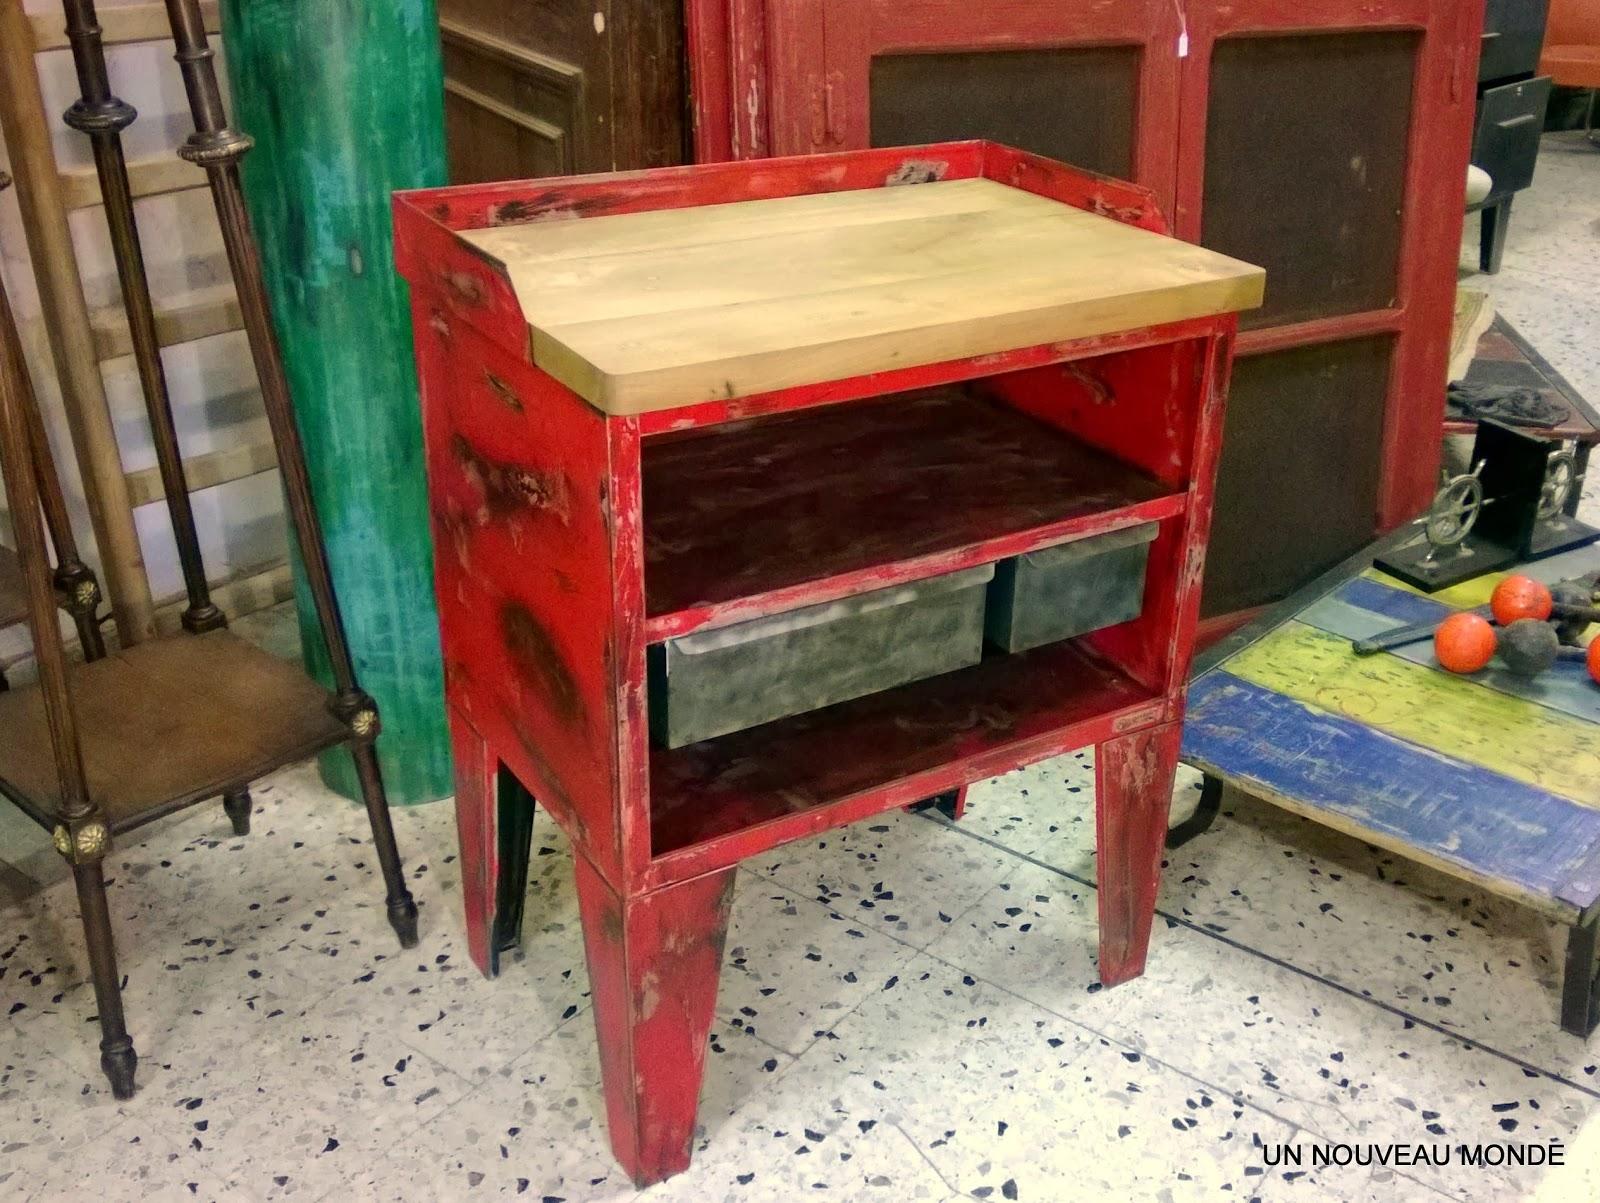 brocante d coration un nouveau monde tabli billot industriel m tal patin rouge. Black Bedroom Furniture Sets. Home Design Ideas